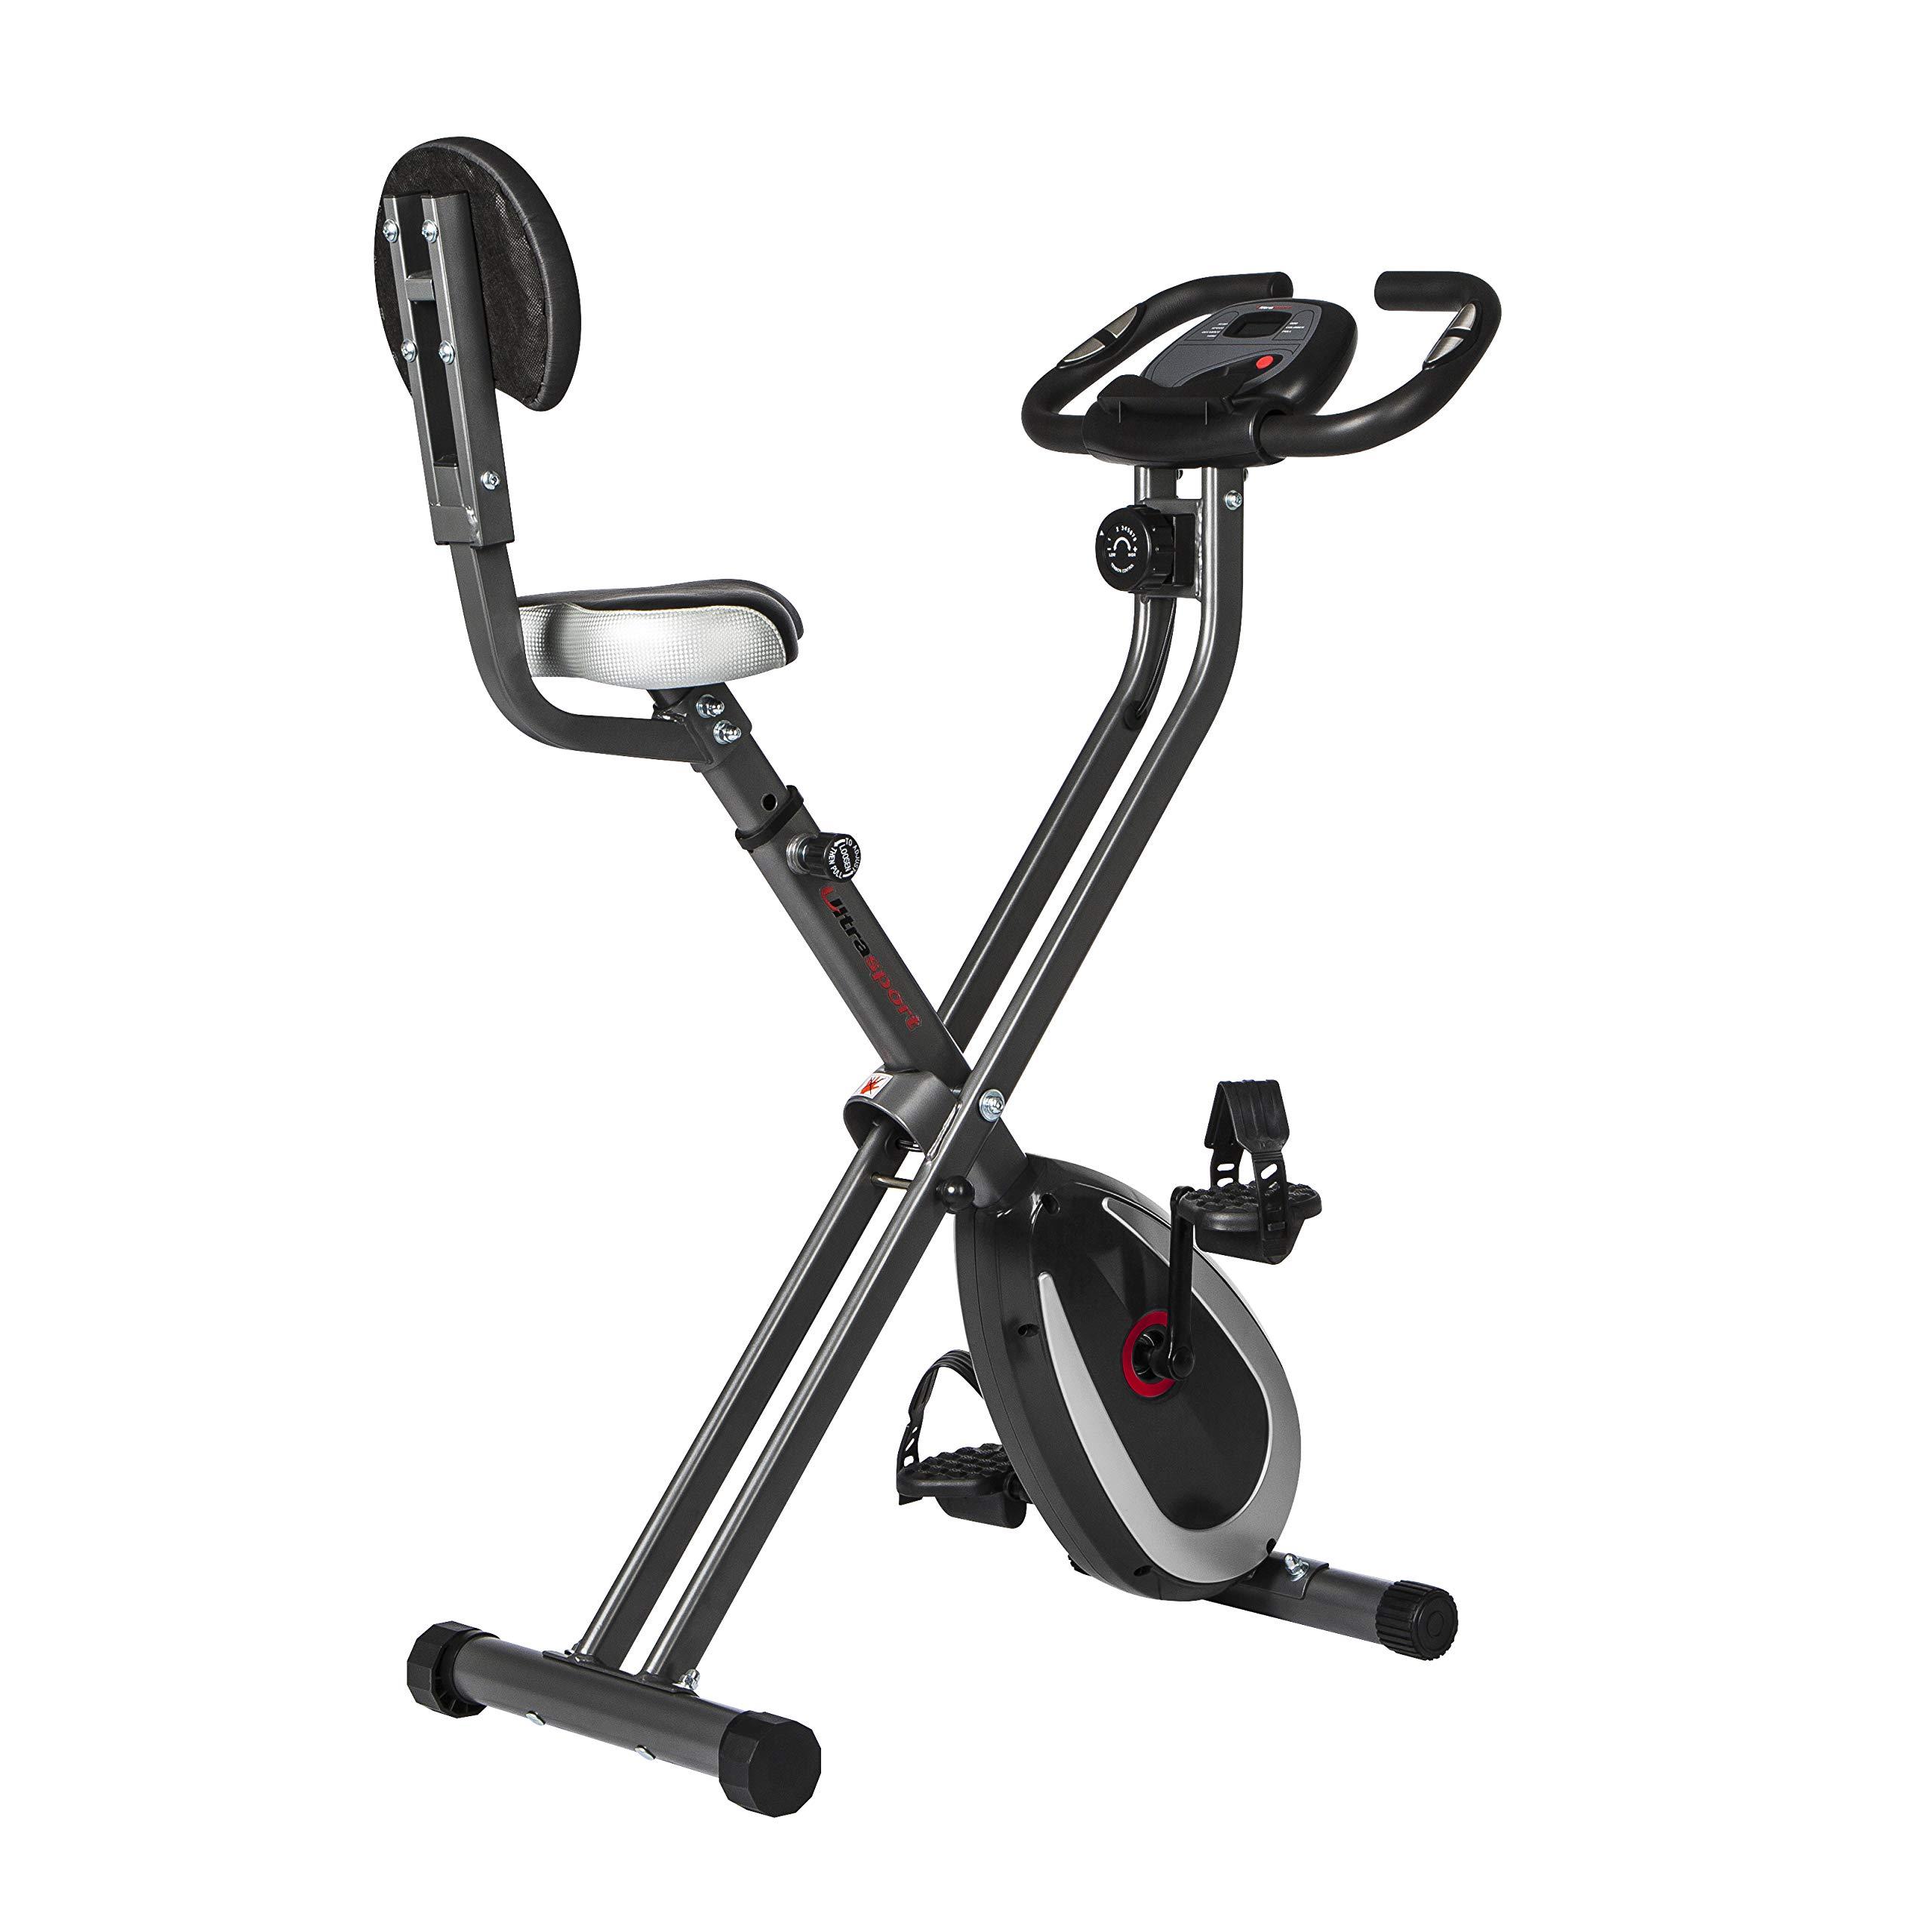 Ultrasport F-Bike 300B bicicleta estática plegable con respaldo, ordenador y App, Gris